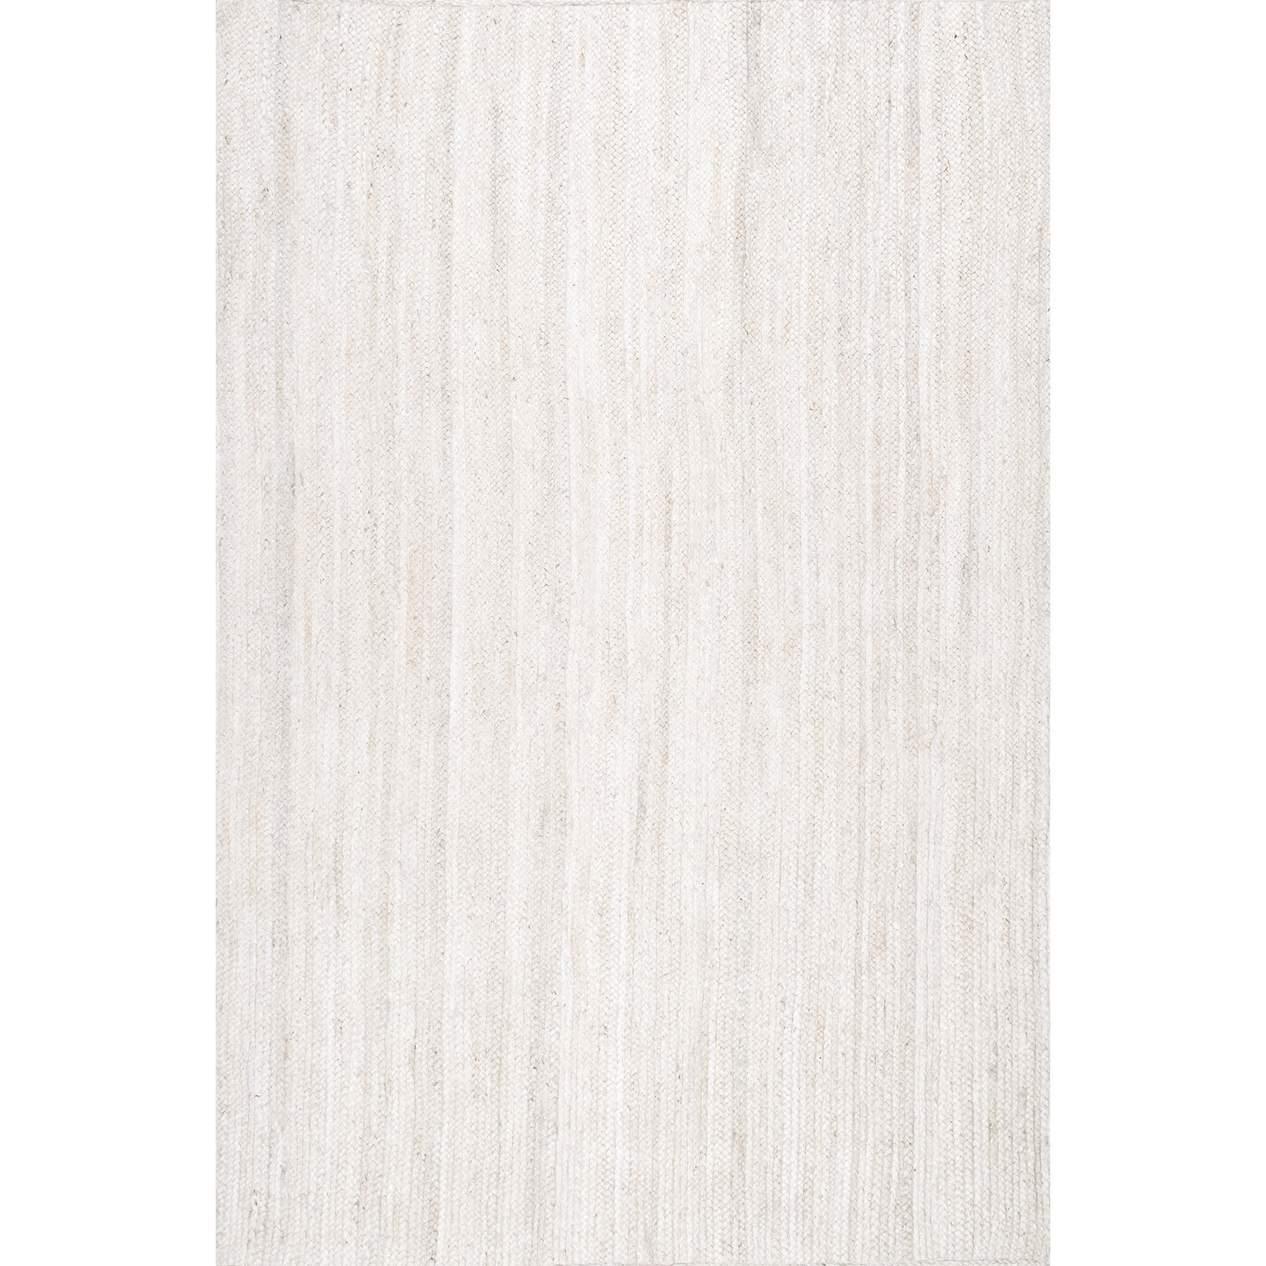 Hand Woven Rigo Jute rug Area Rug 8x10